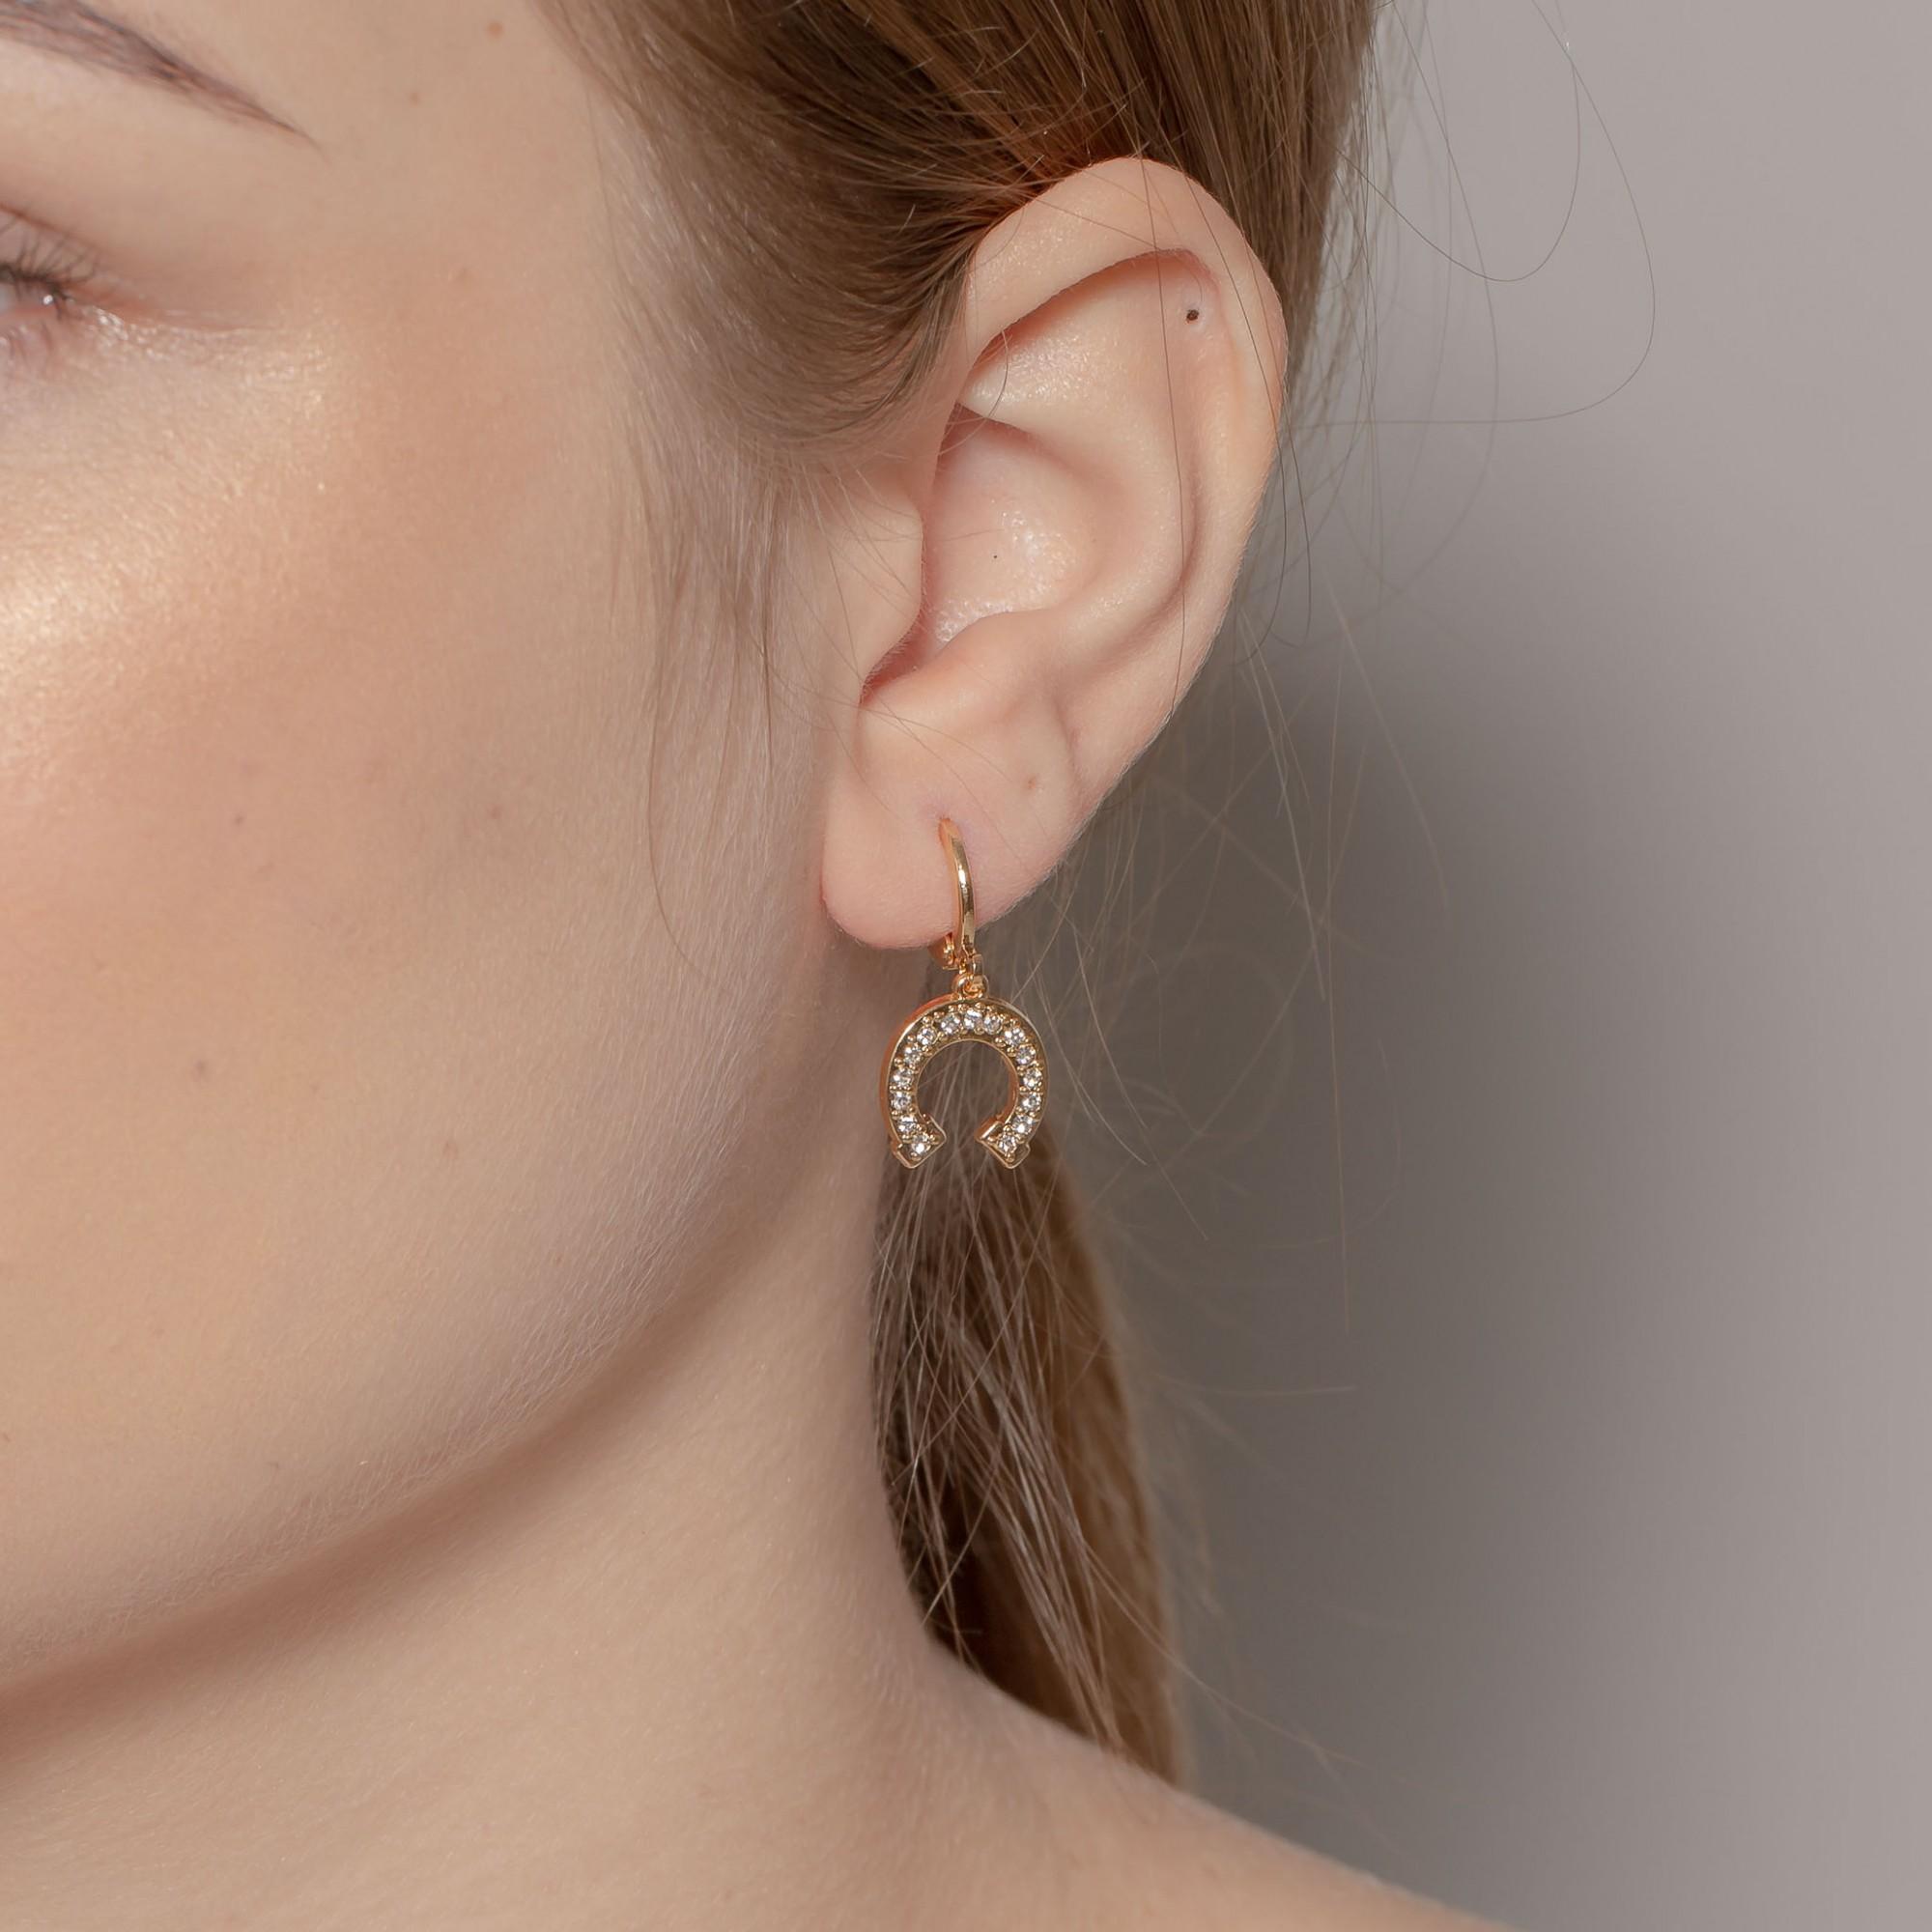 Brinco ferradura com cristais banhado a ouro 18k.  - romabrazil.com.br